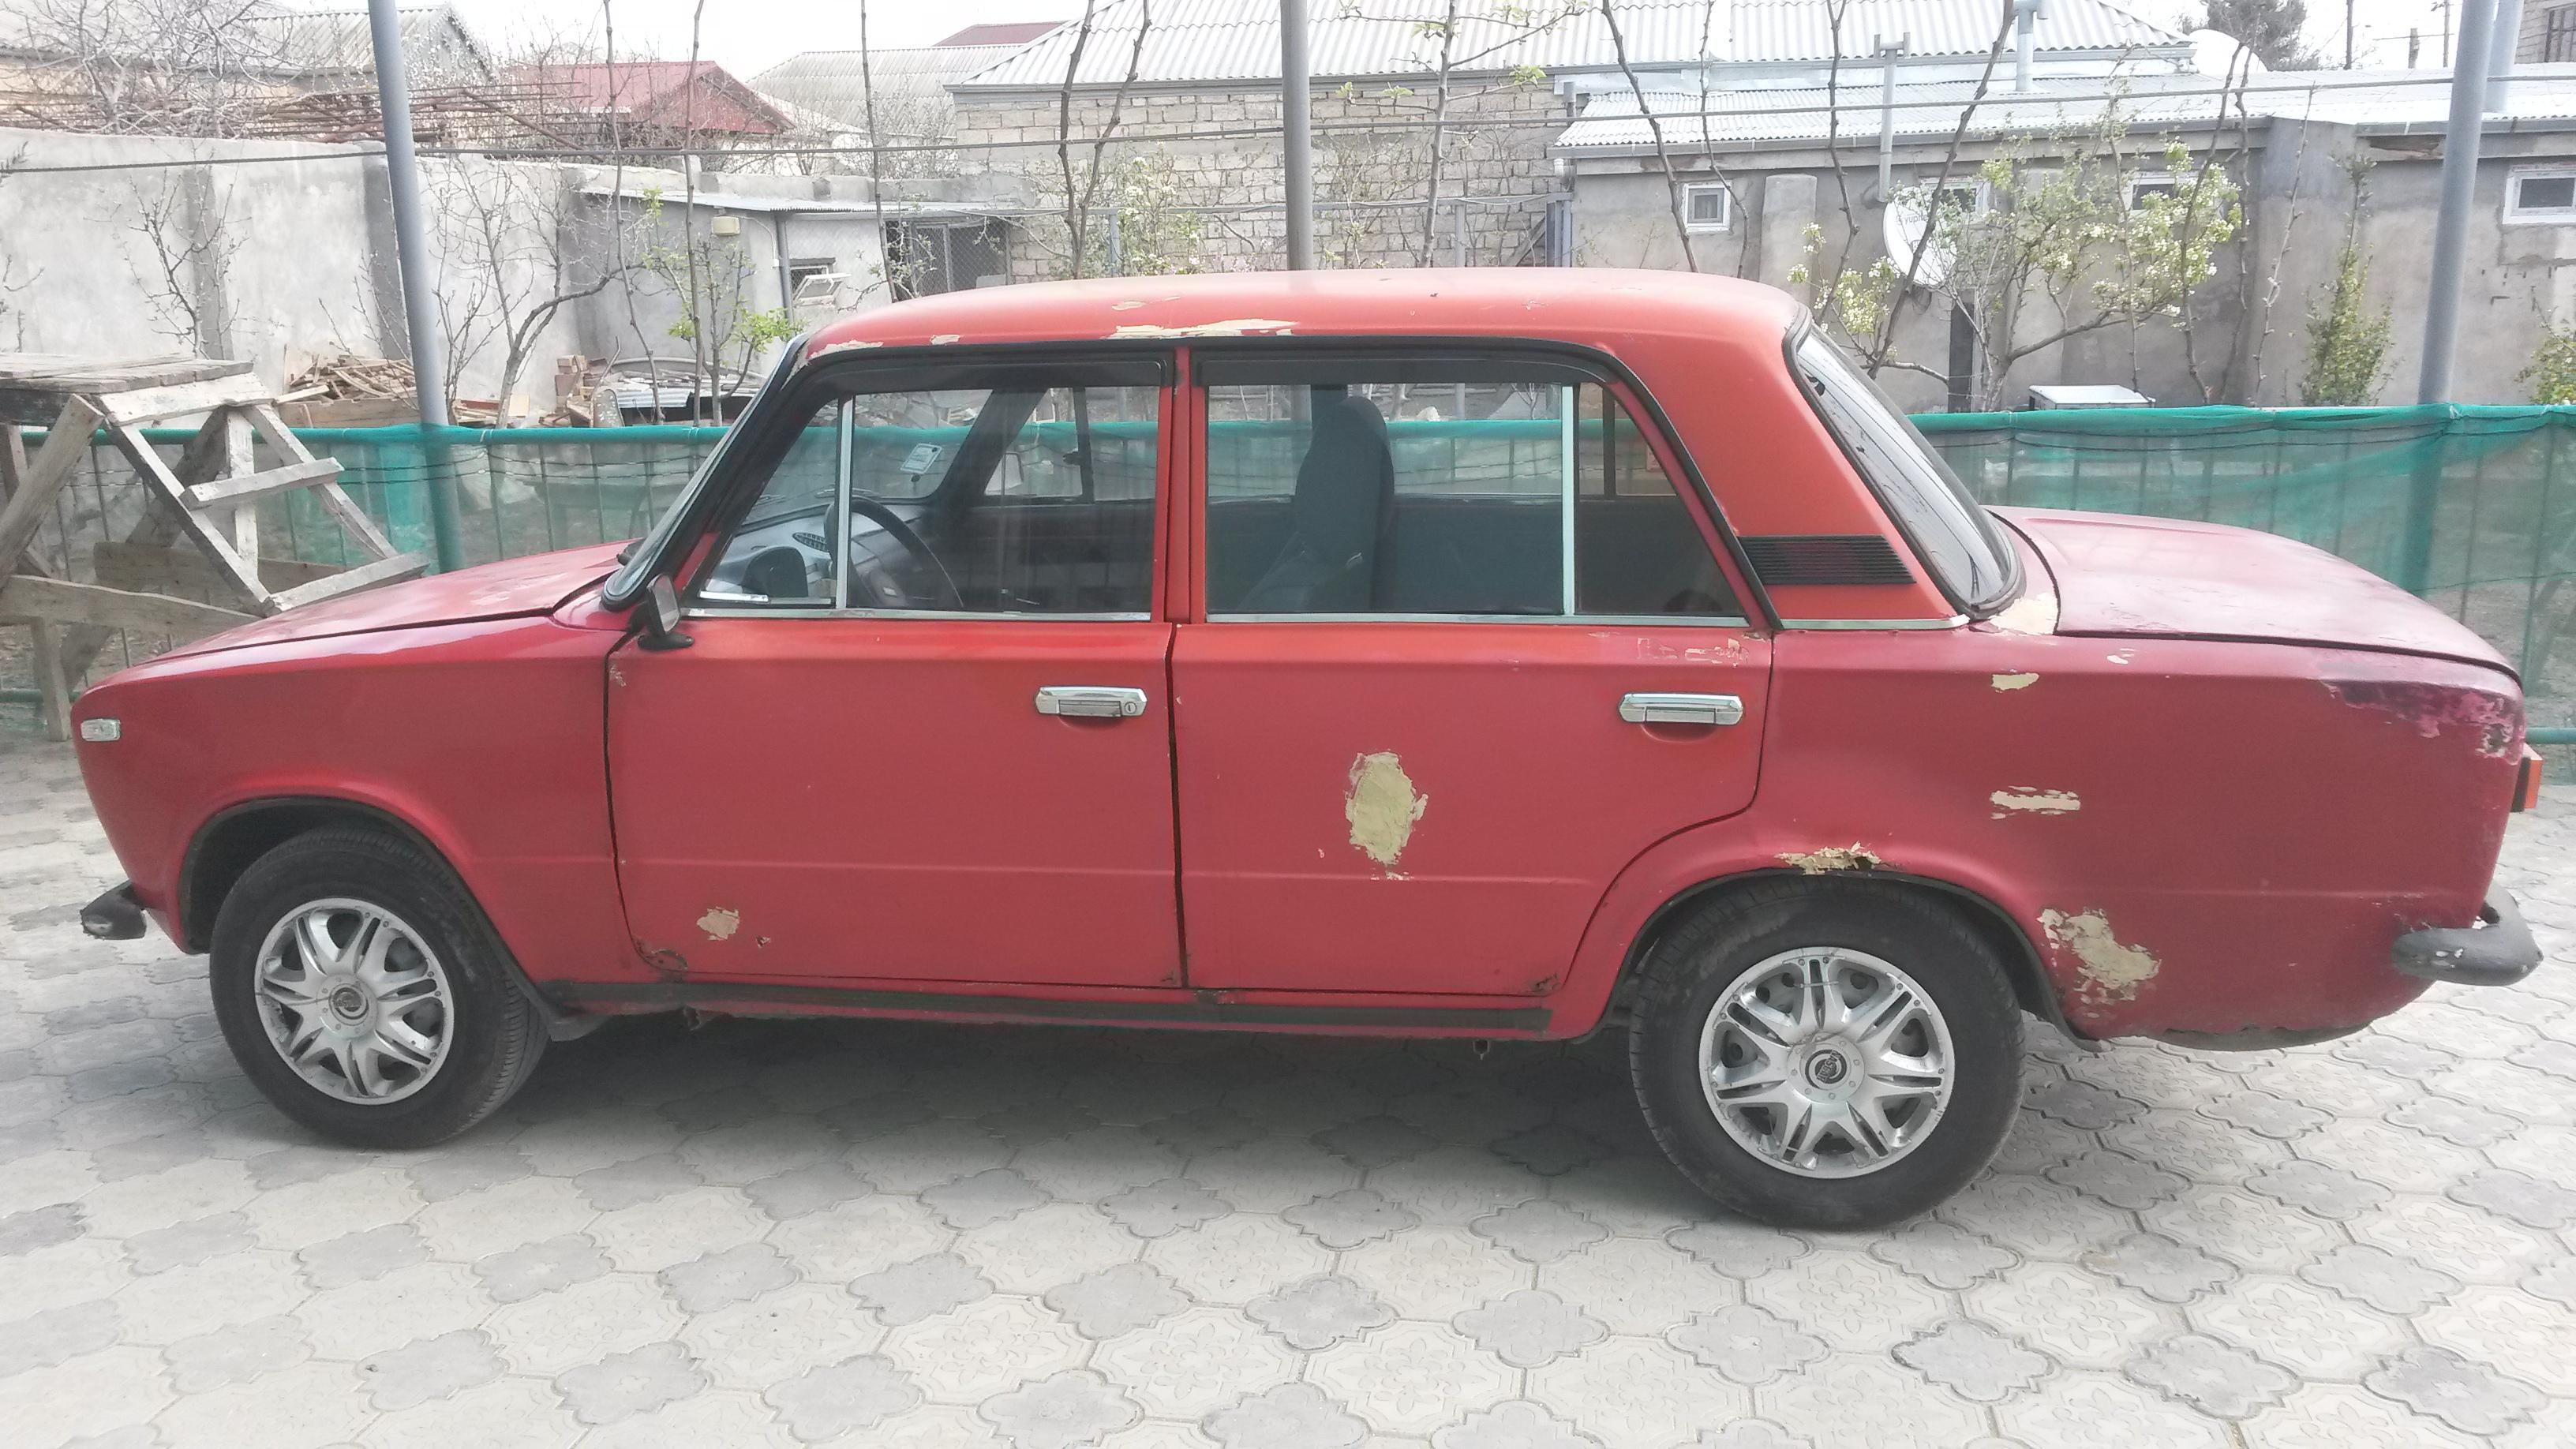 VAZ 2101 1.3(lt) 1974 İkinci əl  $900